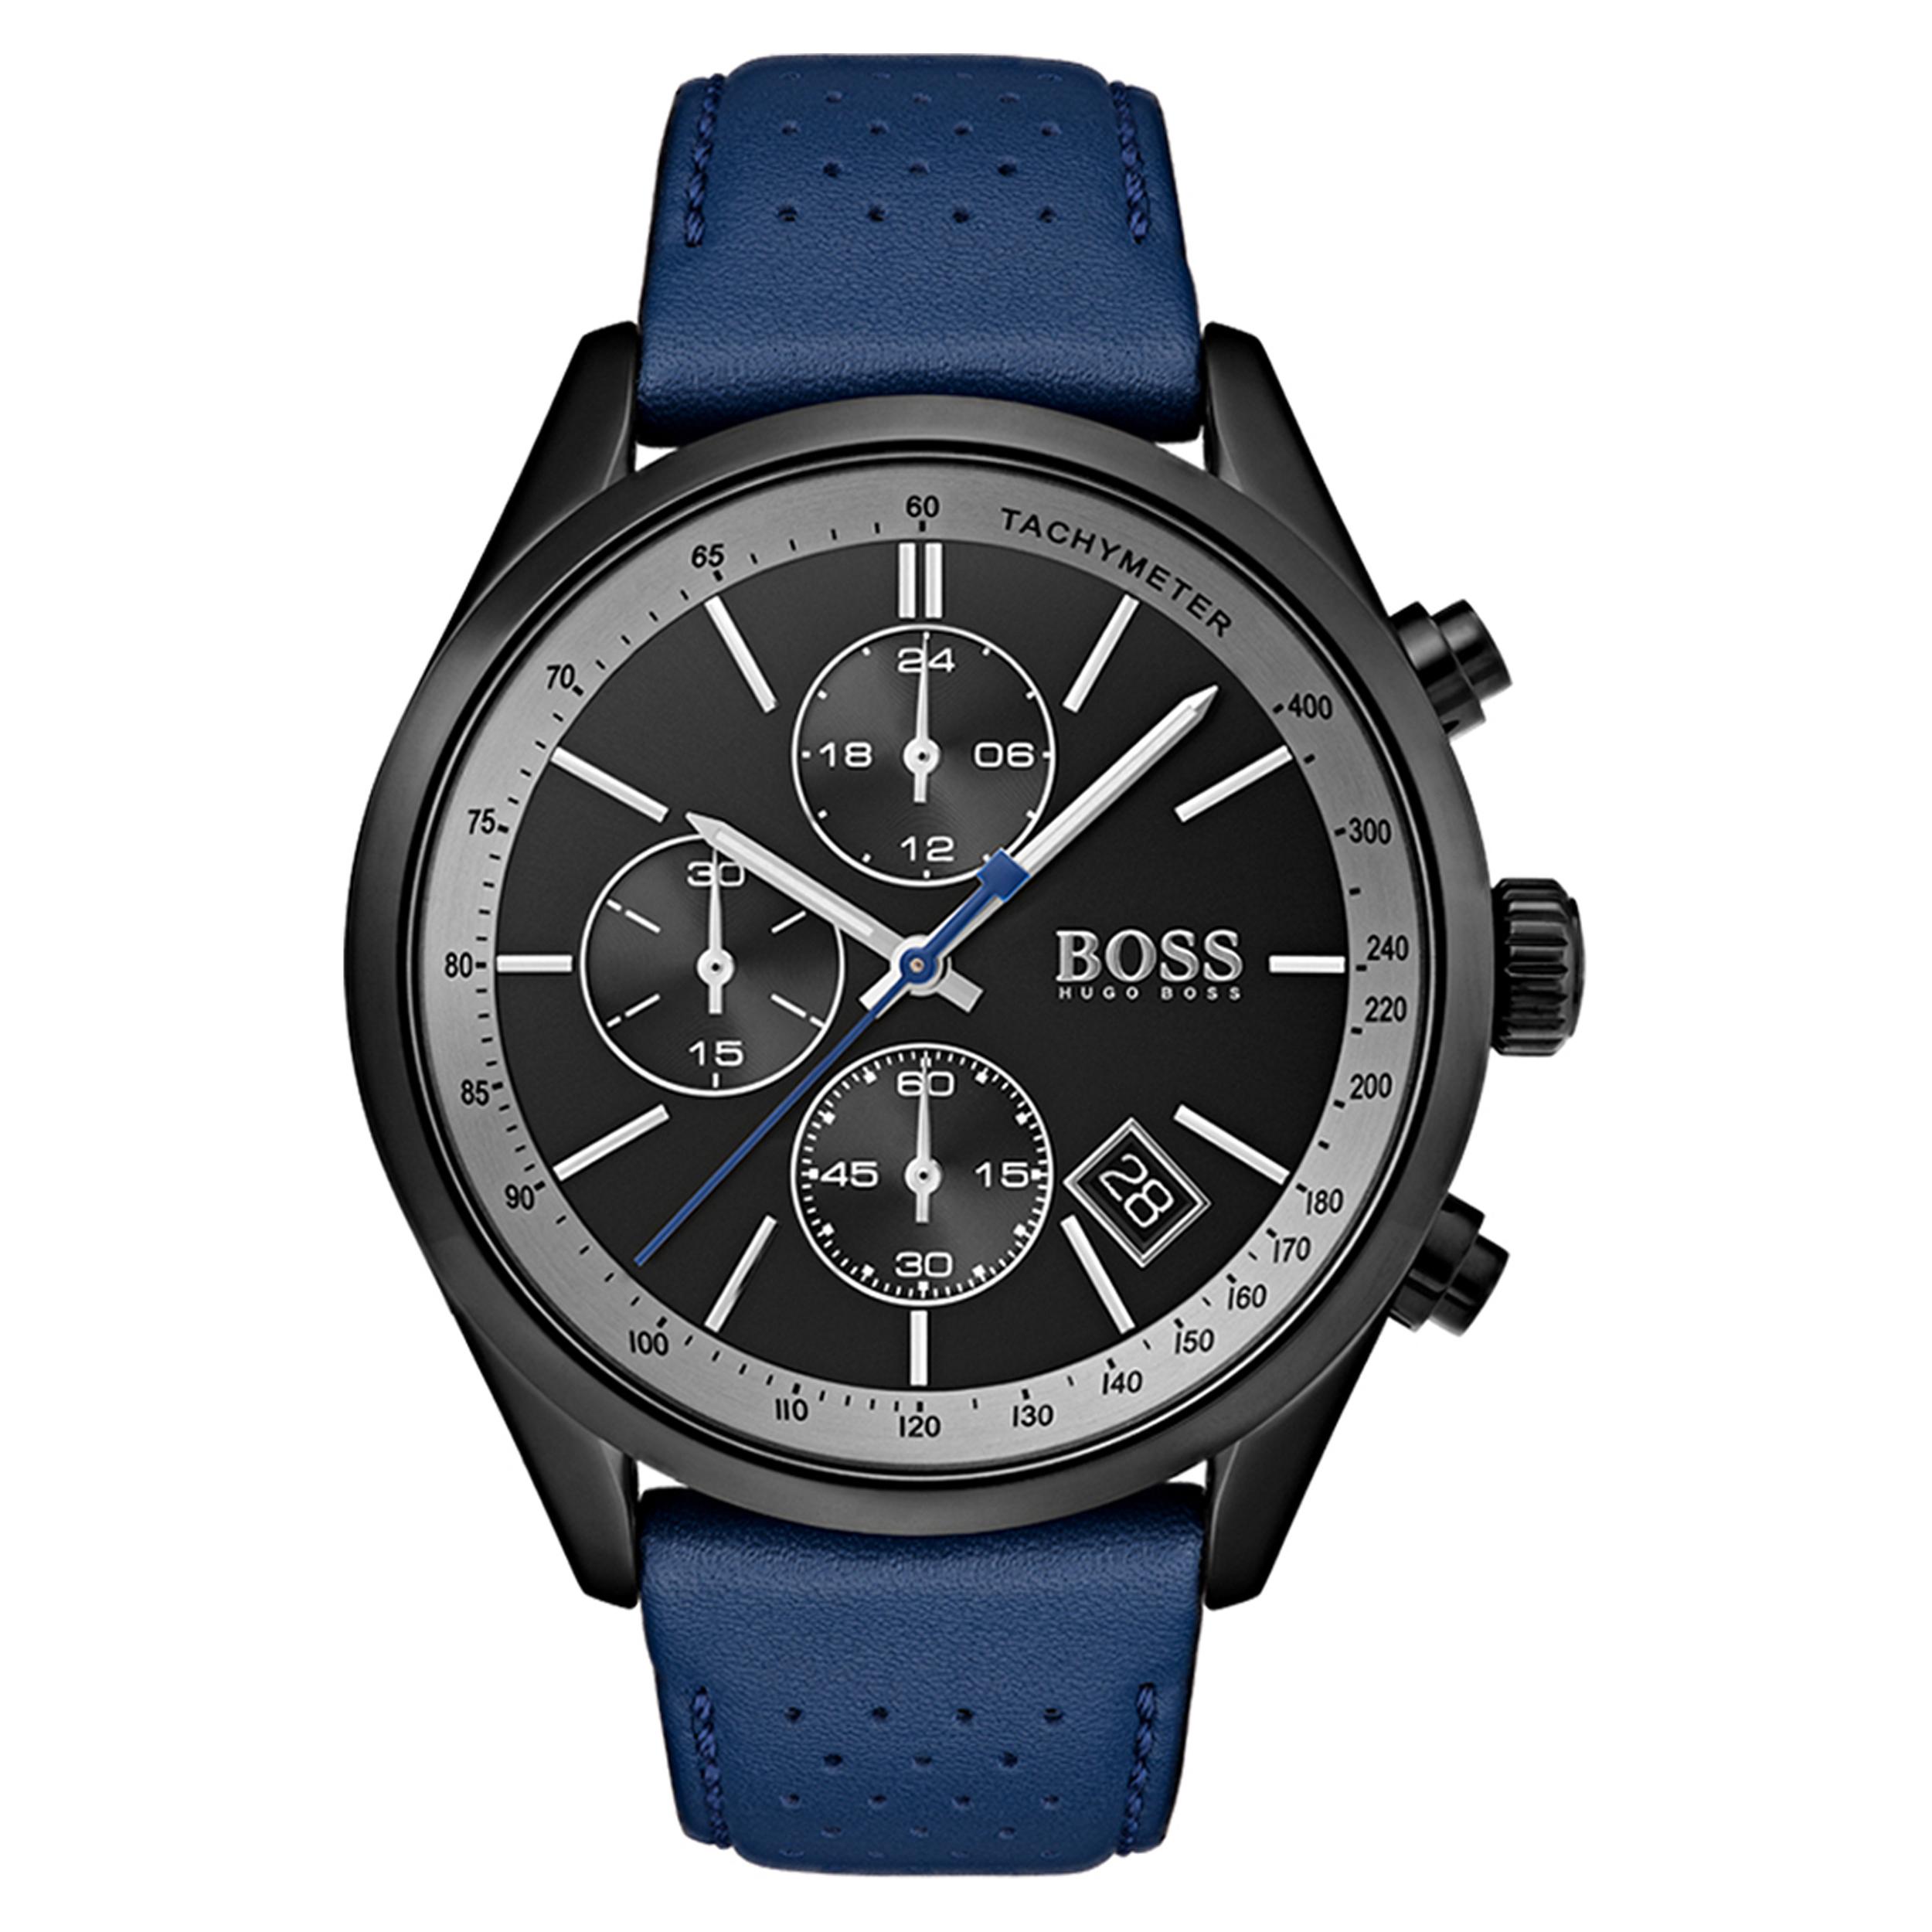 ساعت مچی عقربه ای مردانه هوگو باس مدل ۱۵۱۳۵۶۳